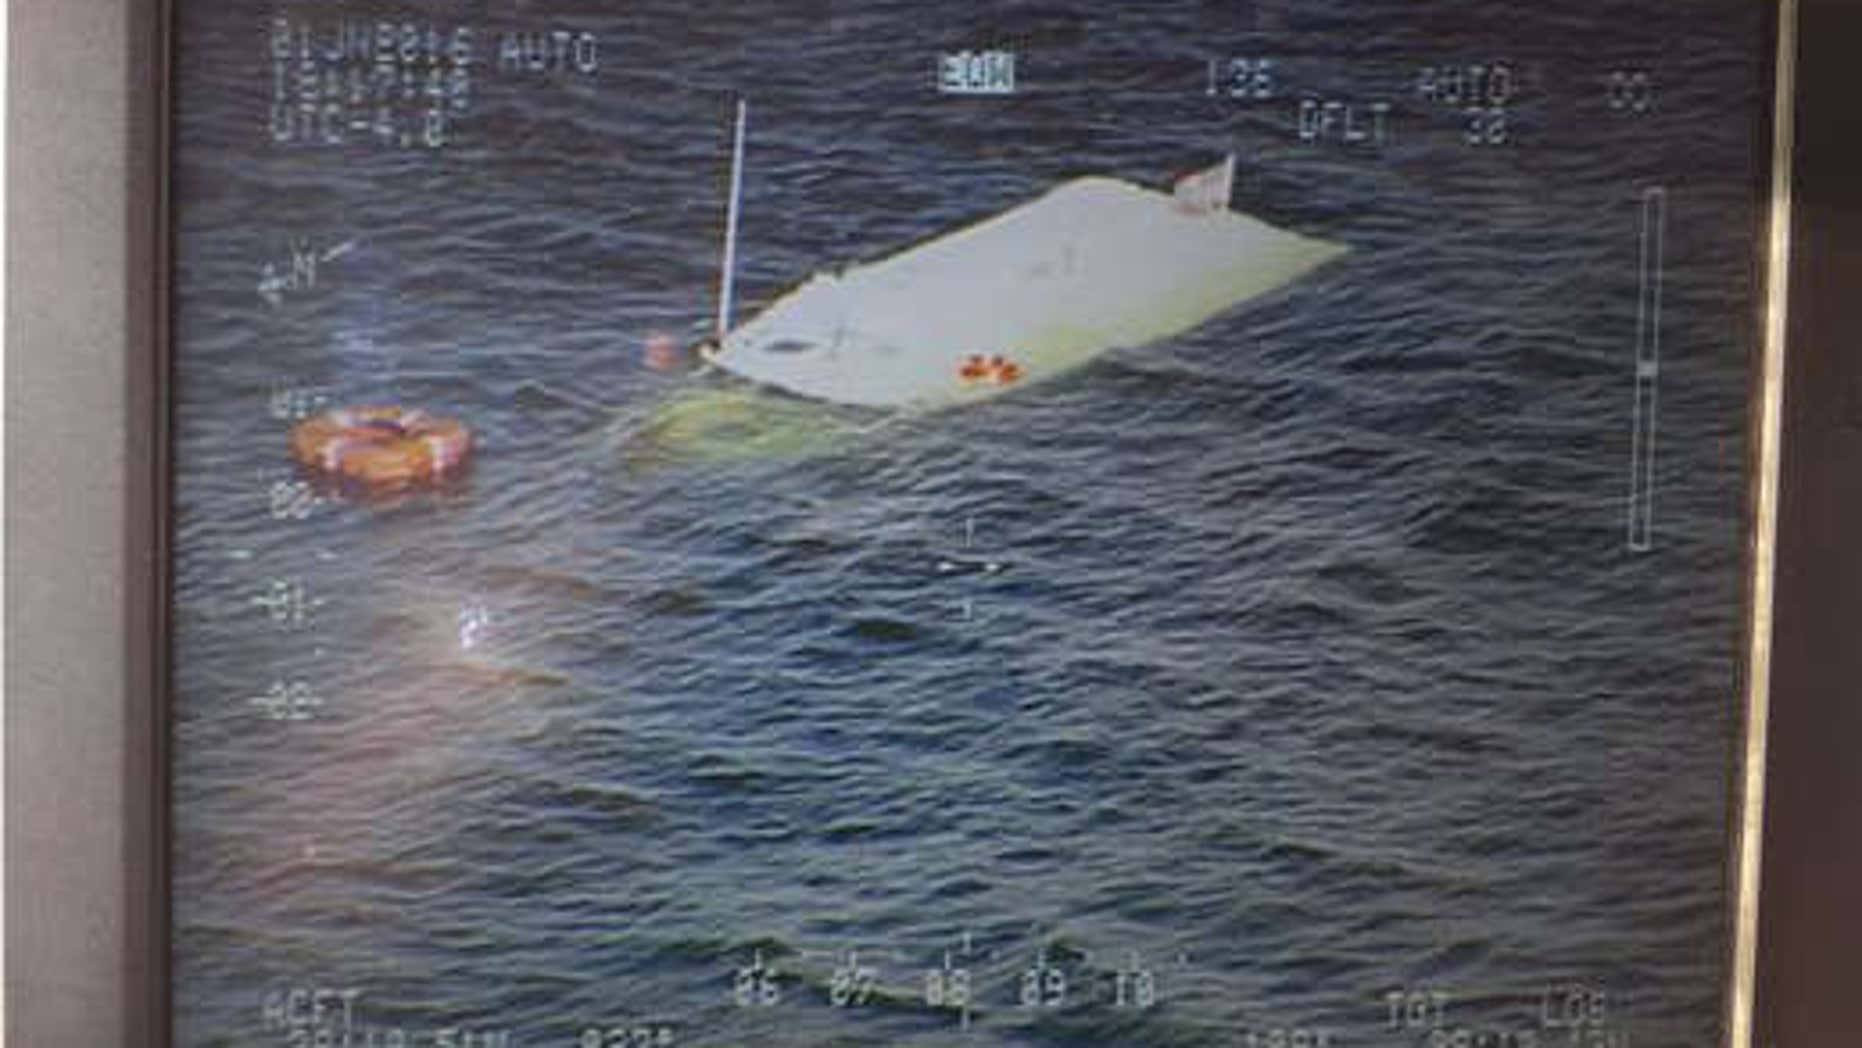 Images of the sunken vessel off Bloodsworth Island.